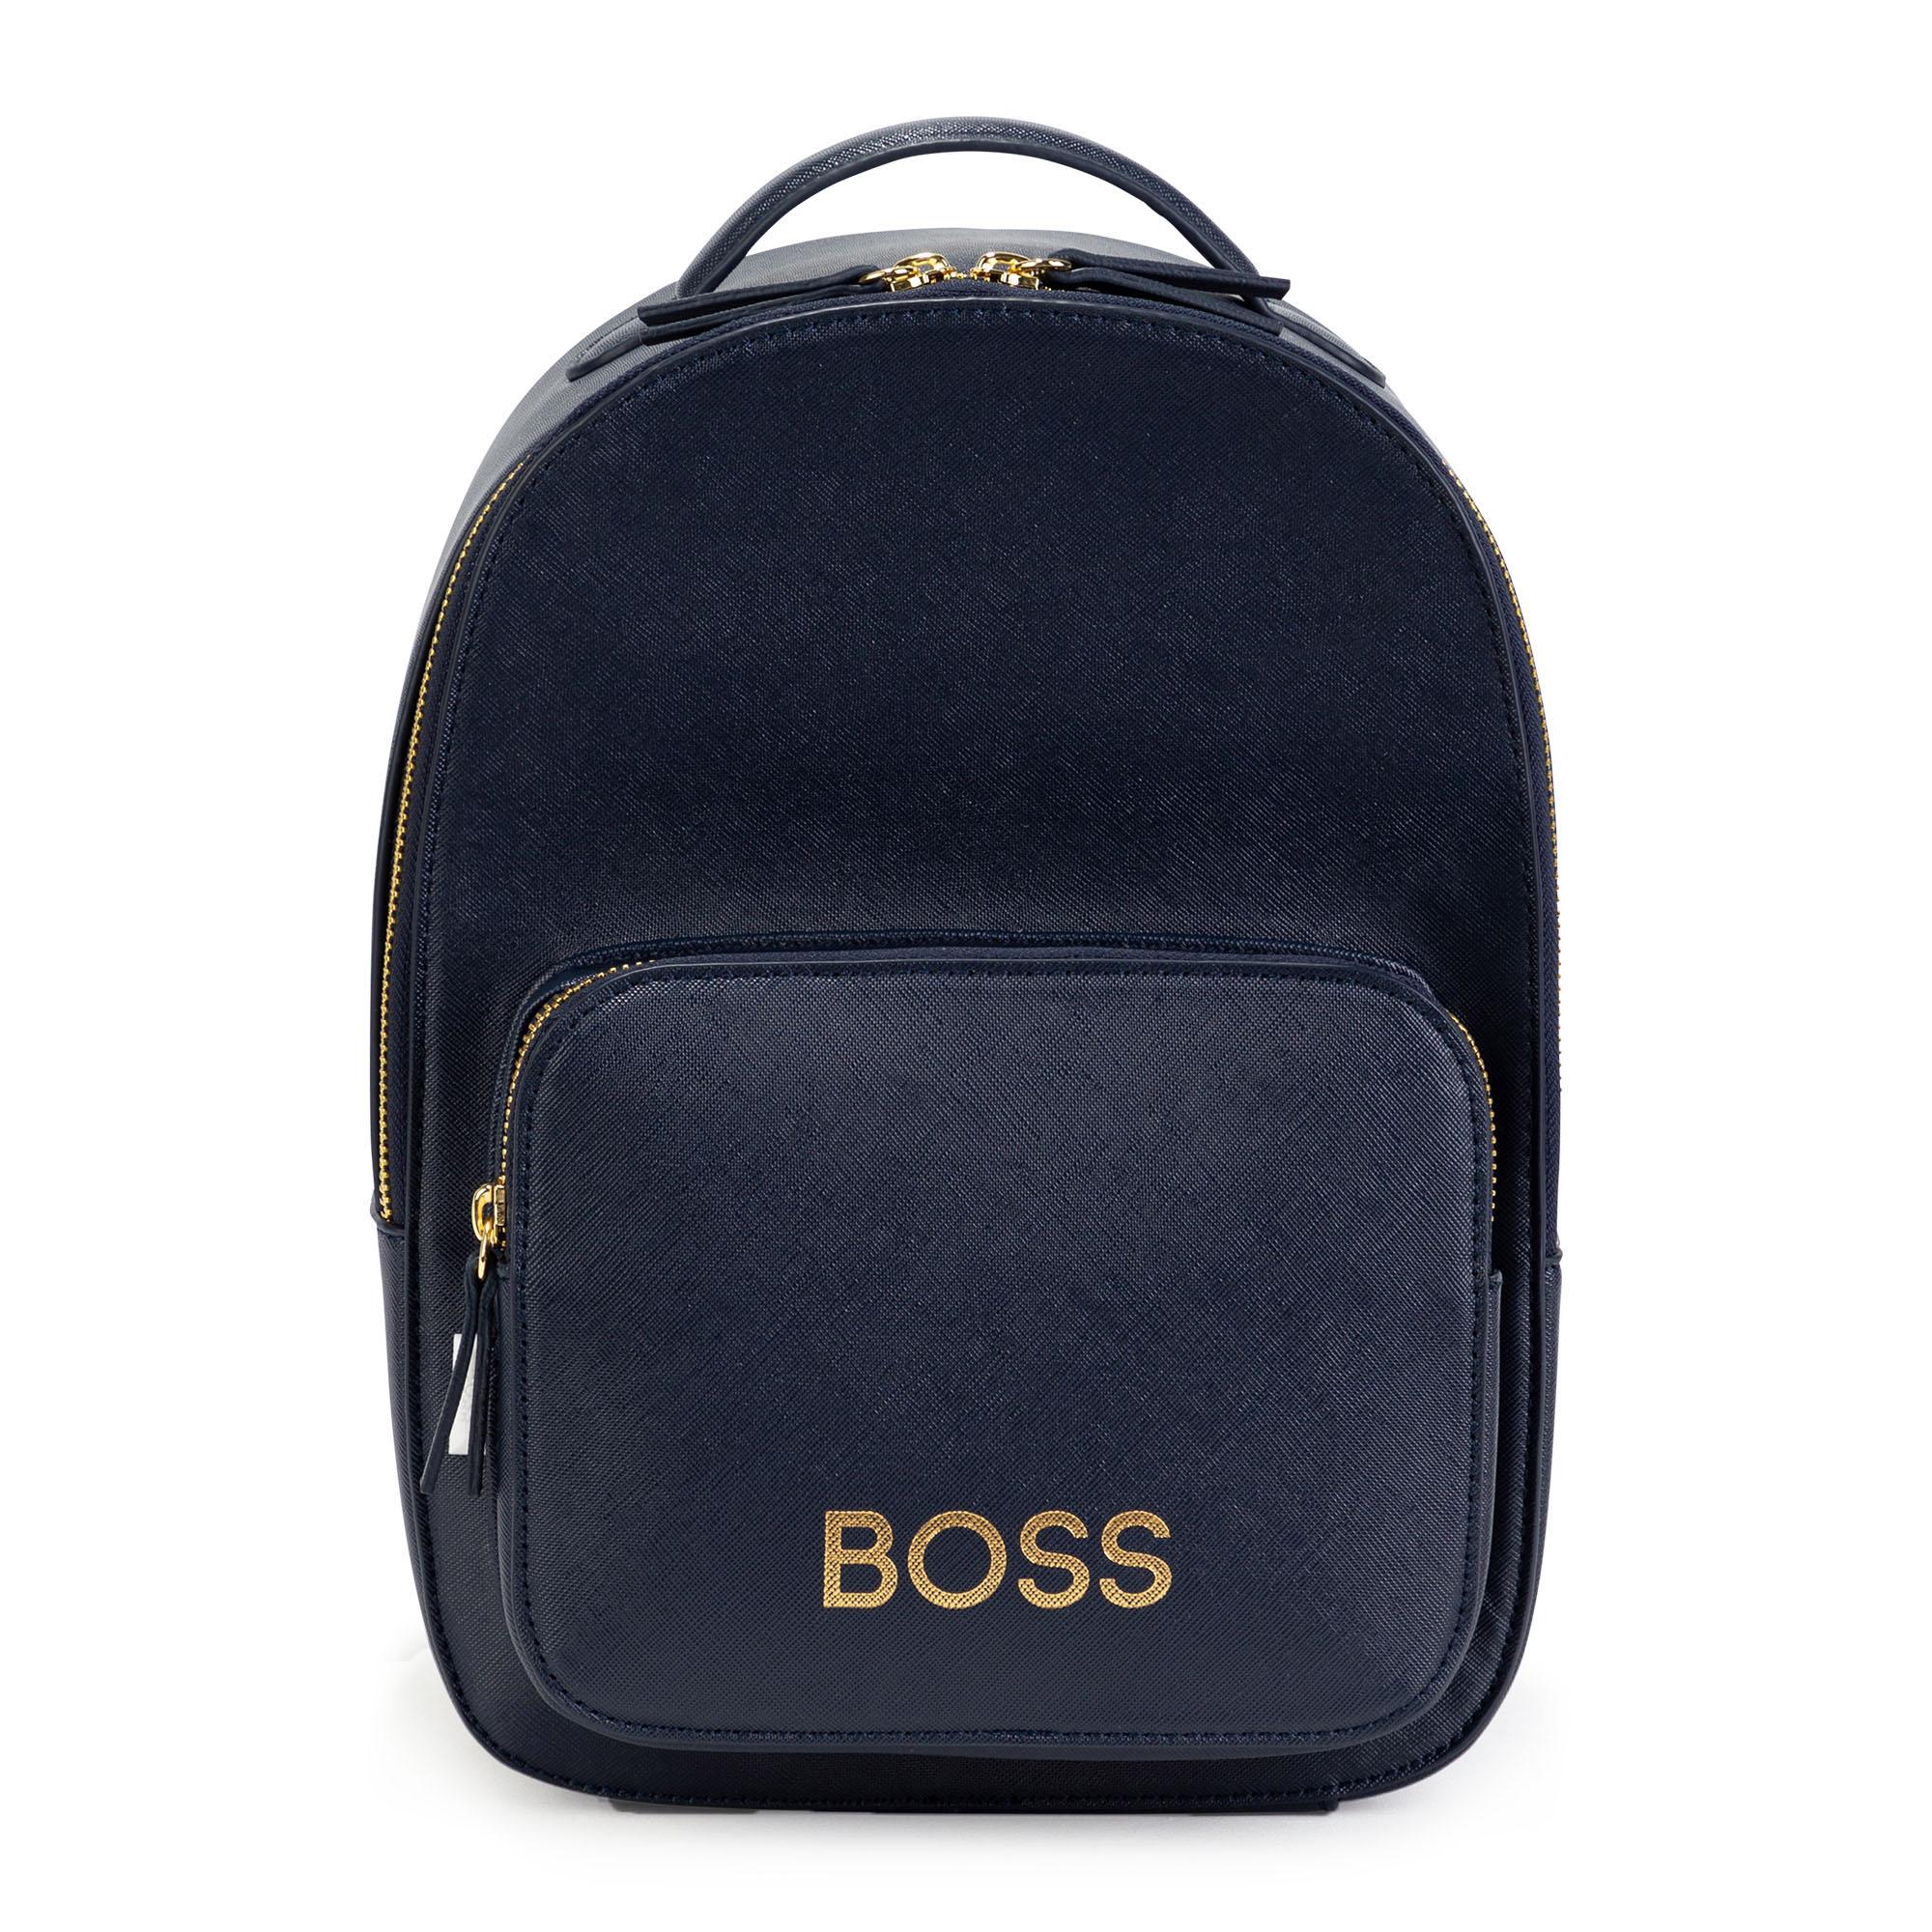 Adjustable strap backpack BOSS for GIRL